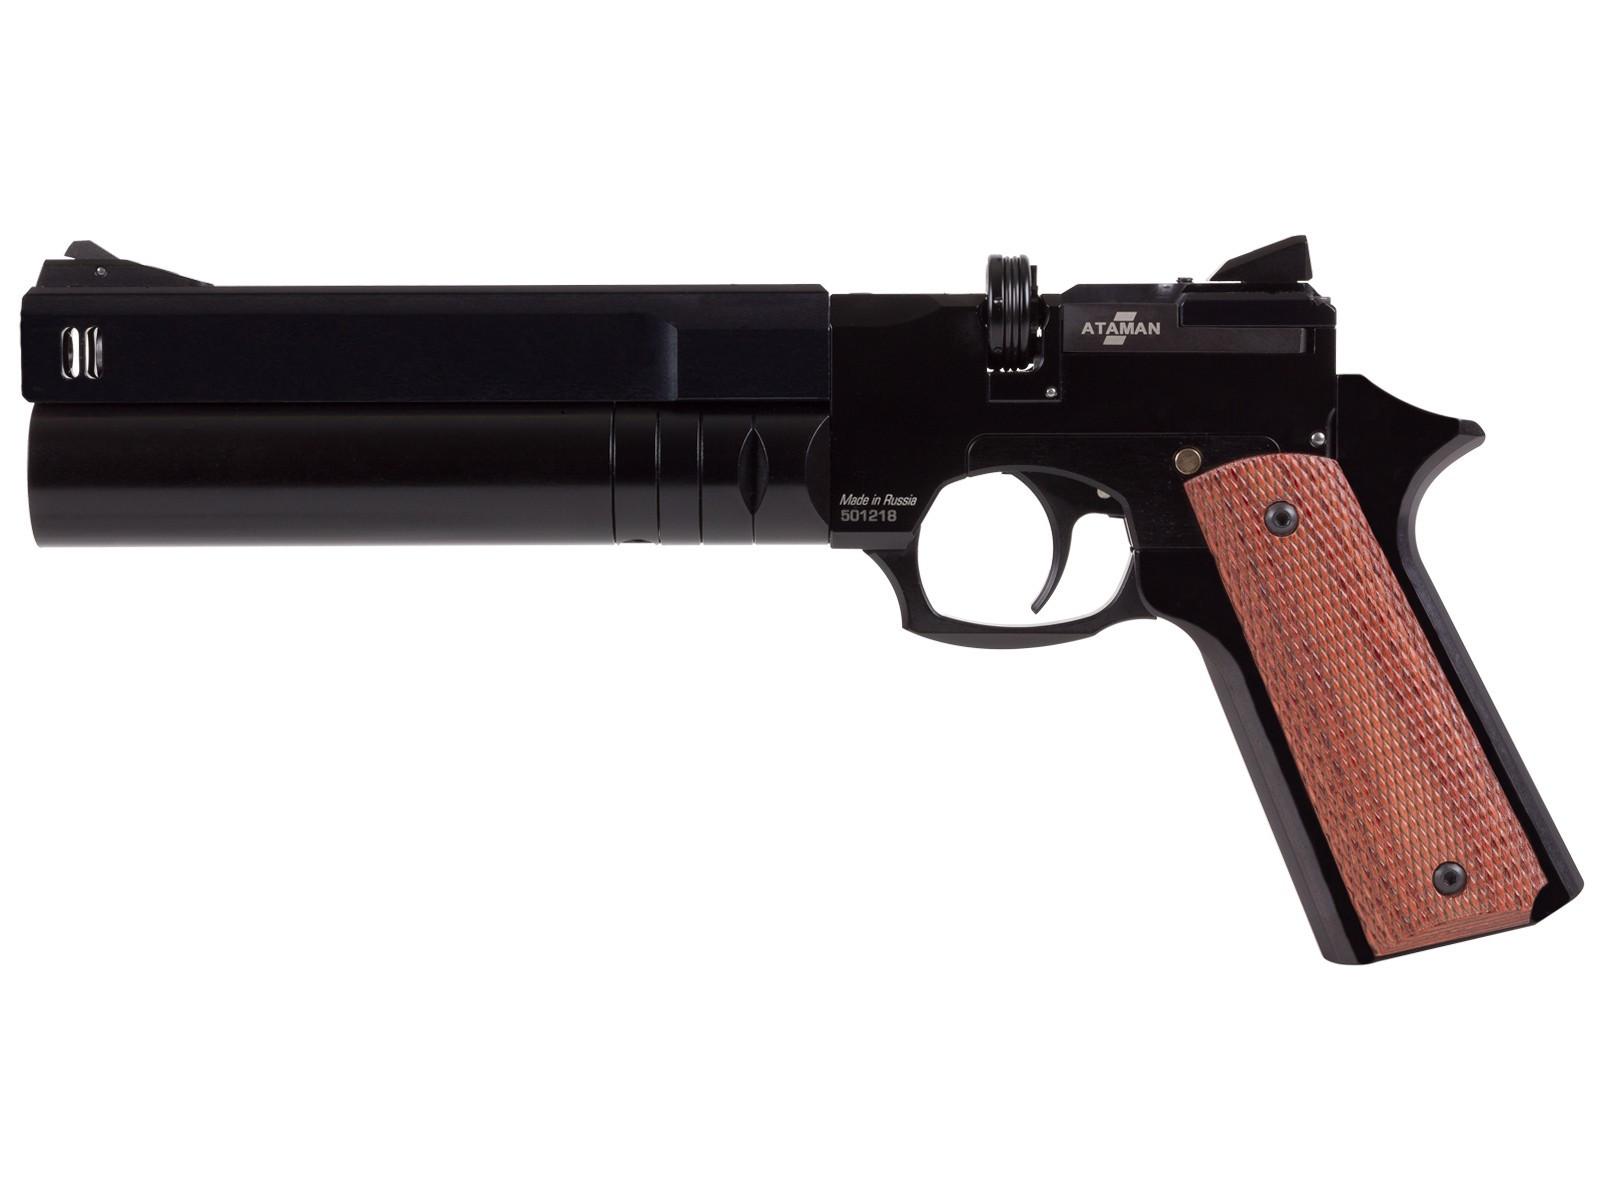 Ataman AP16 Pellet Pistol, Compact